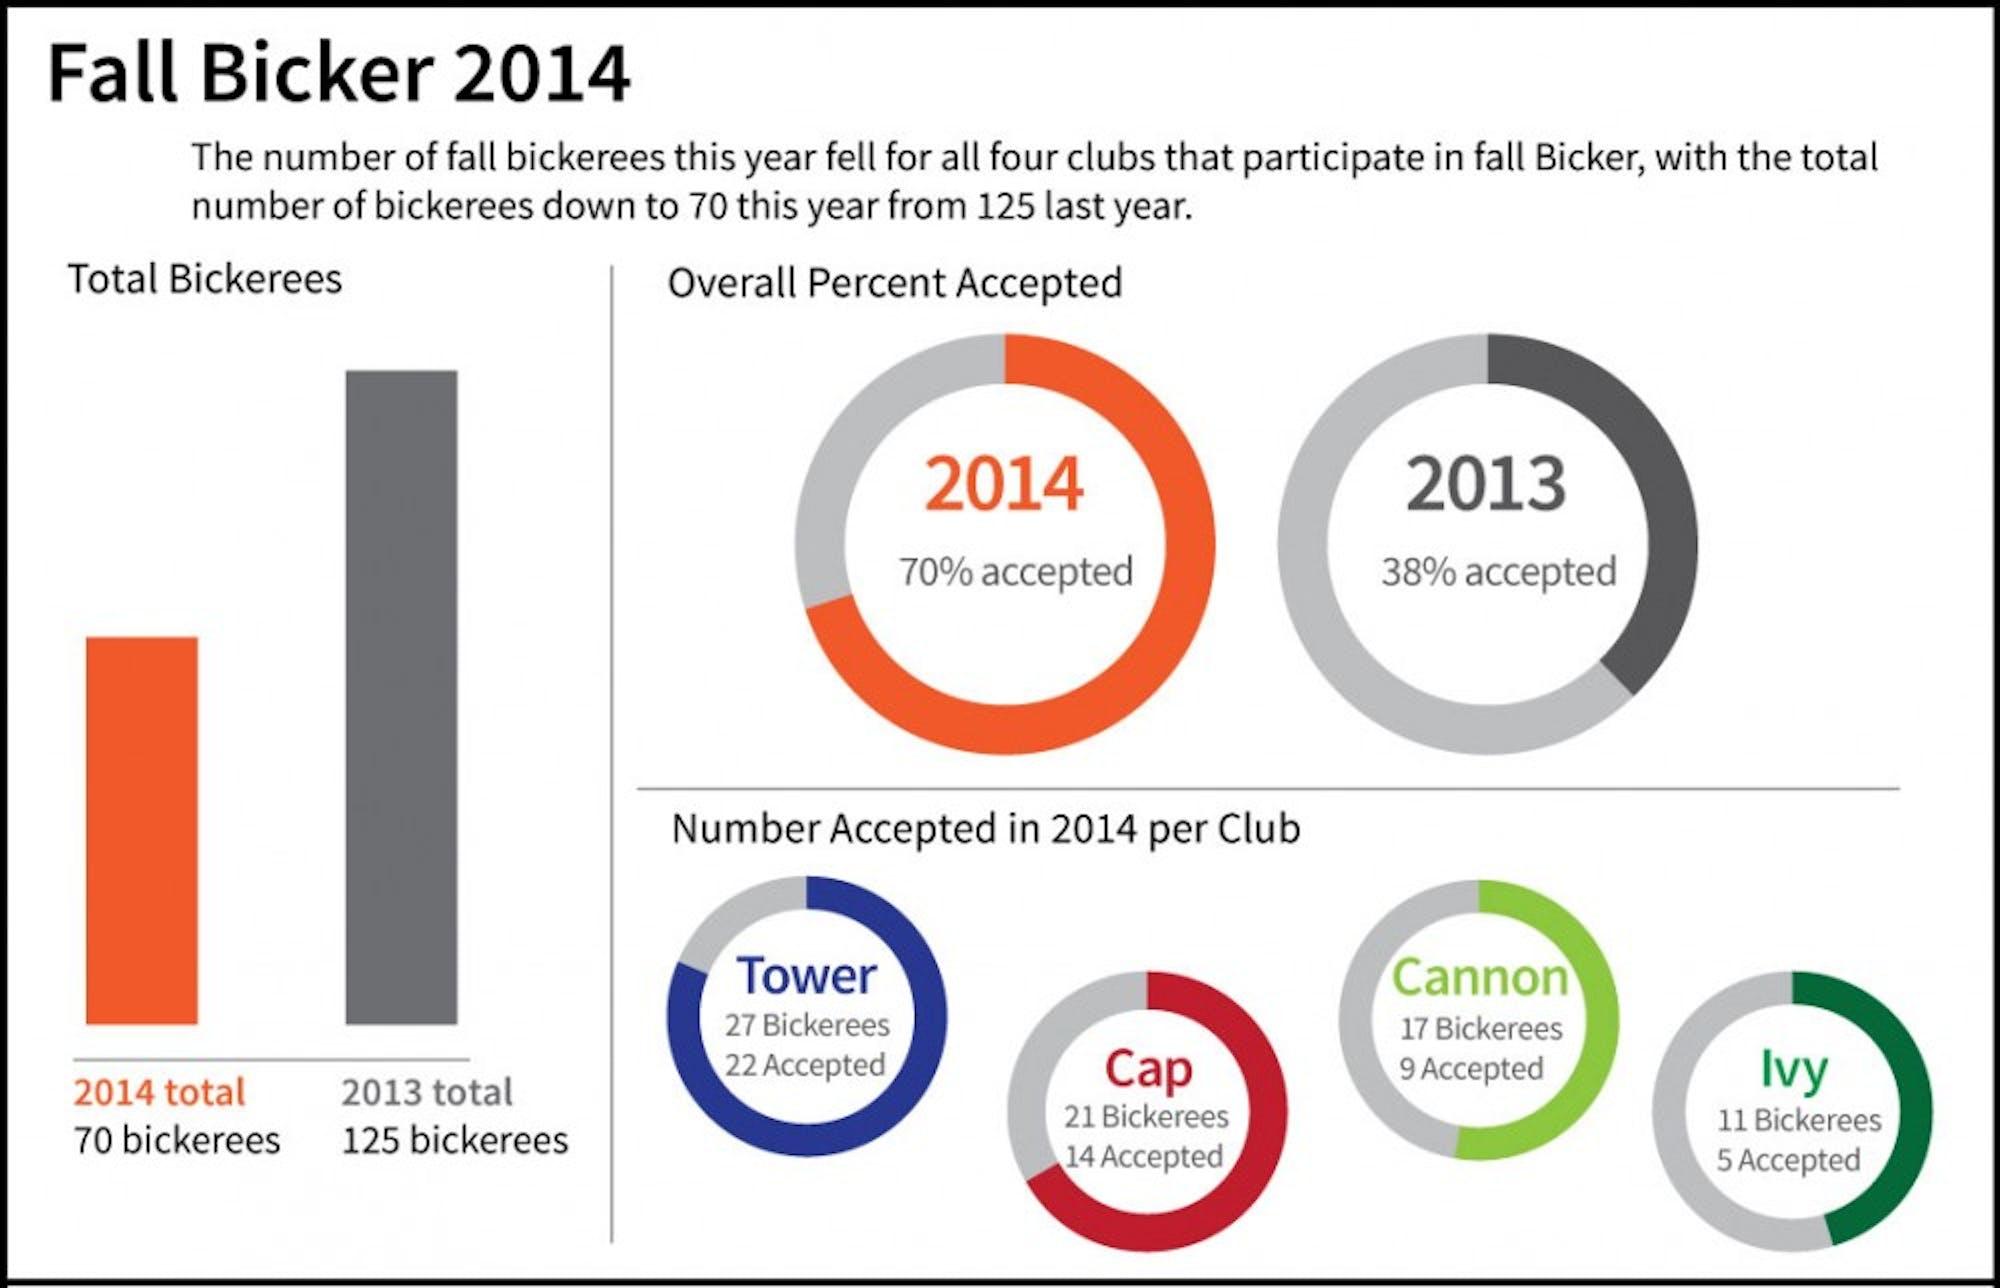 bicker-2014-graphic1